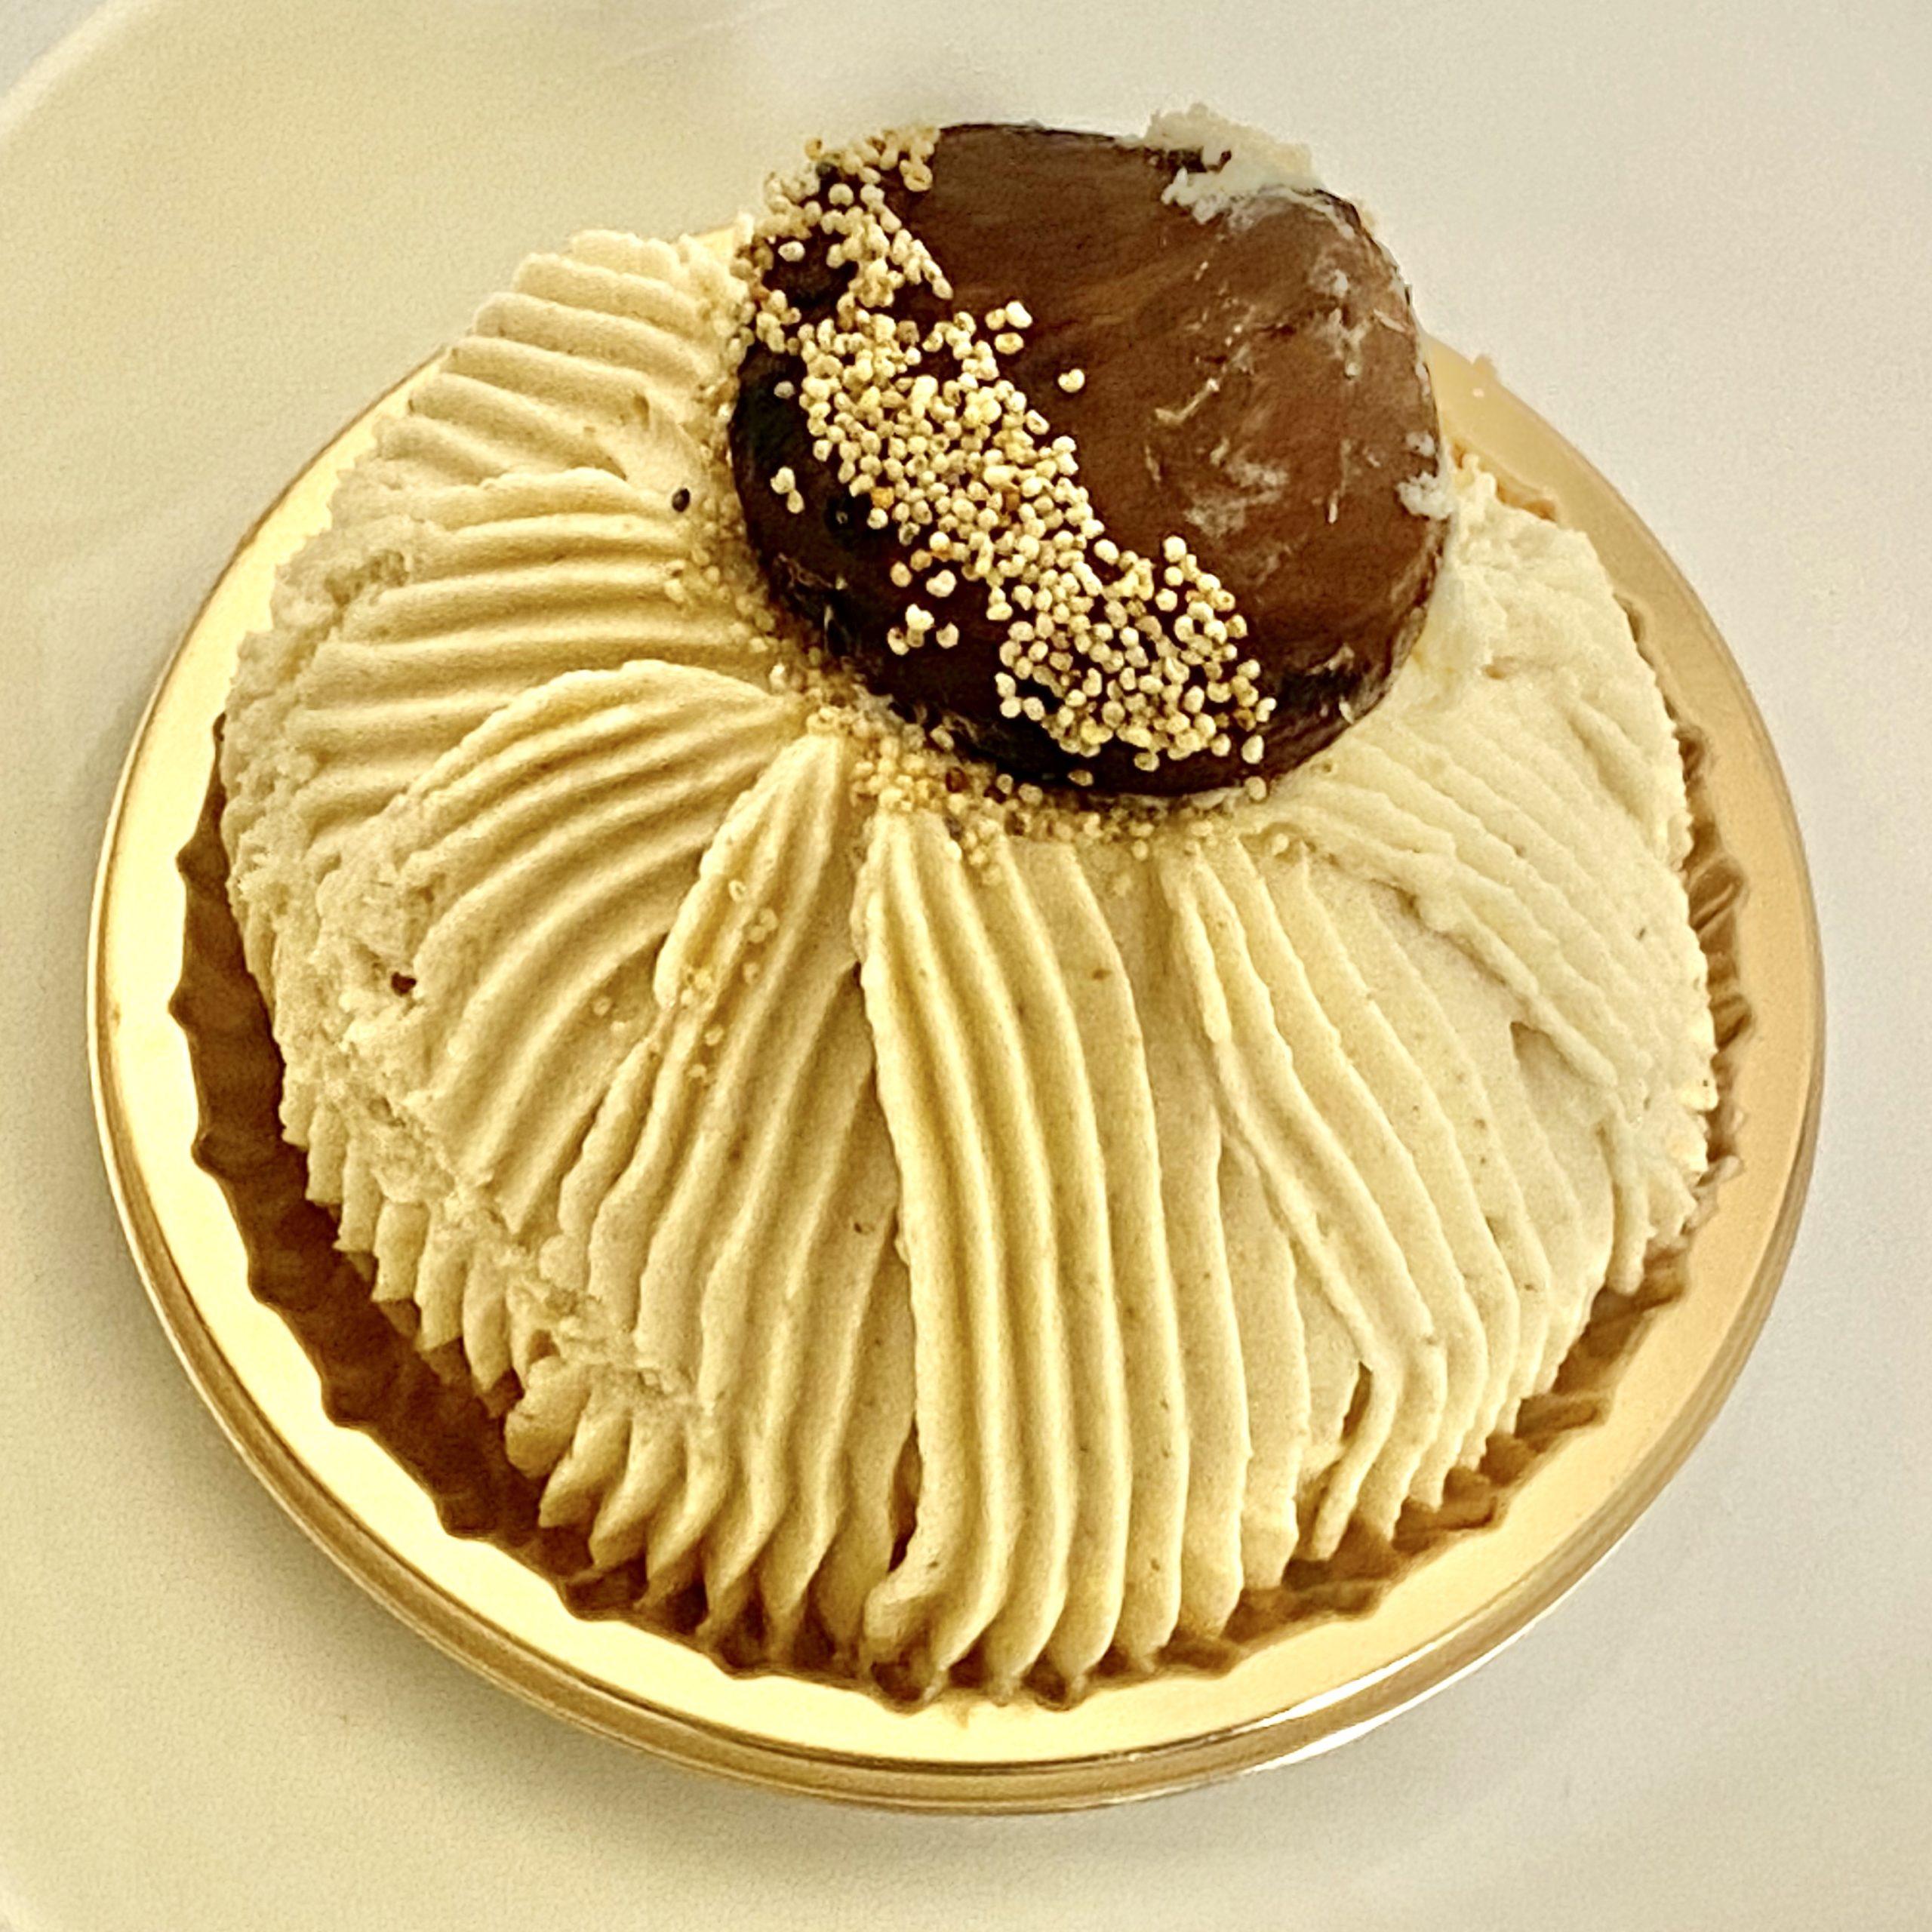 ガーデニア洋菓子店 上北沢 ケーキ スポンジ ドボスクーヘン ココア モンブラン 栗